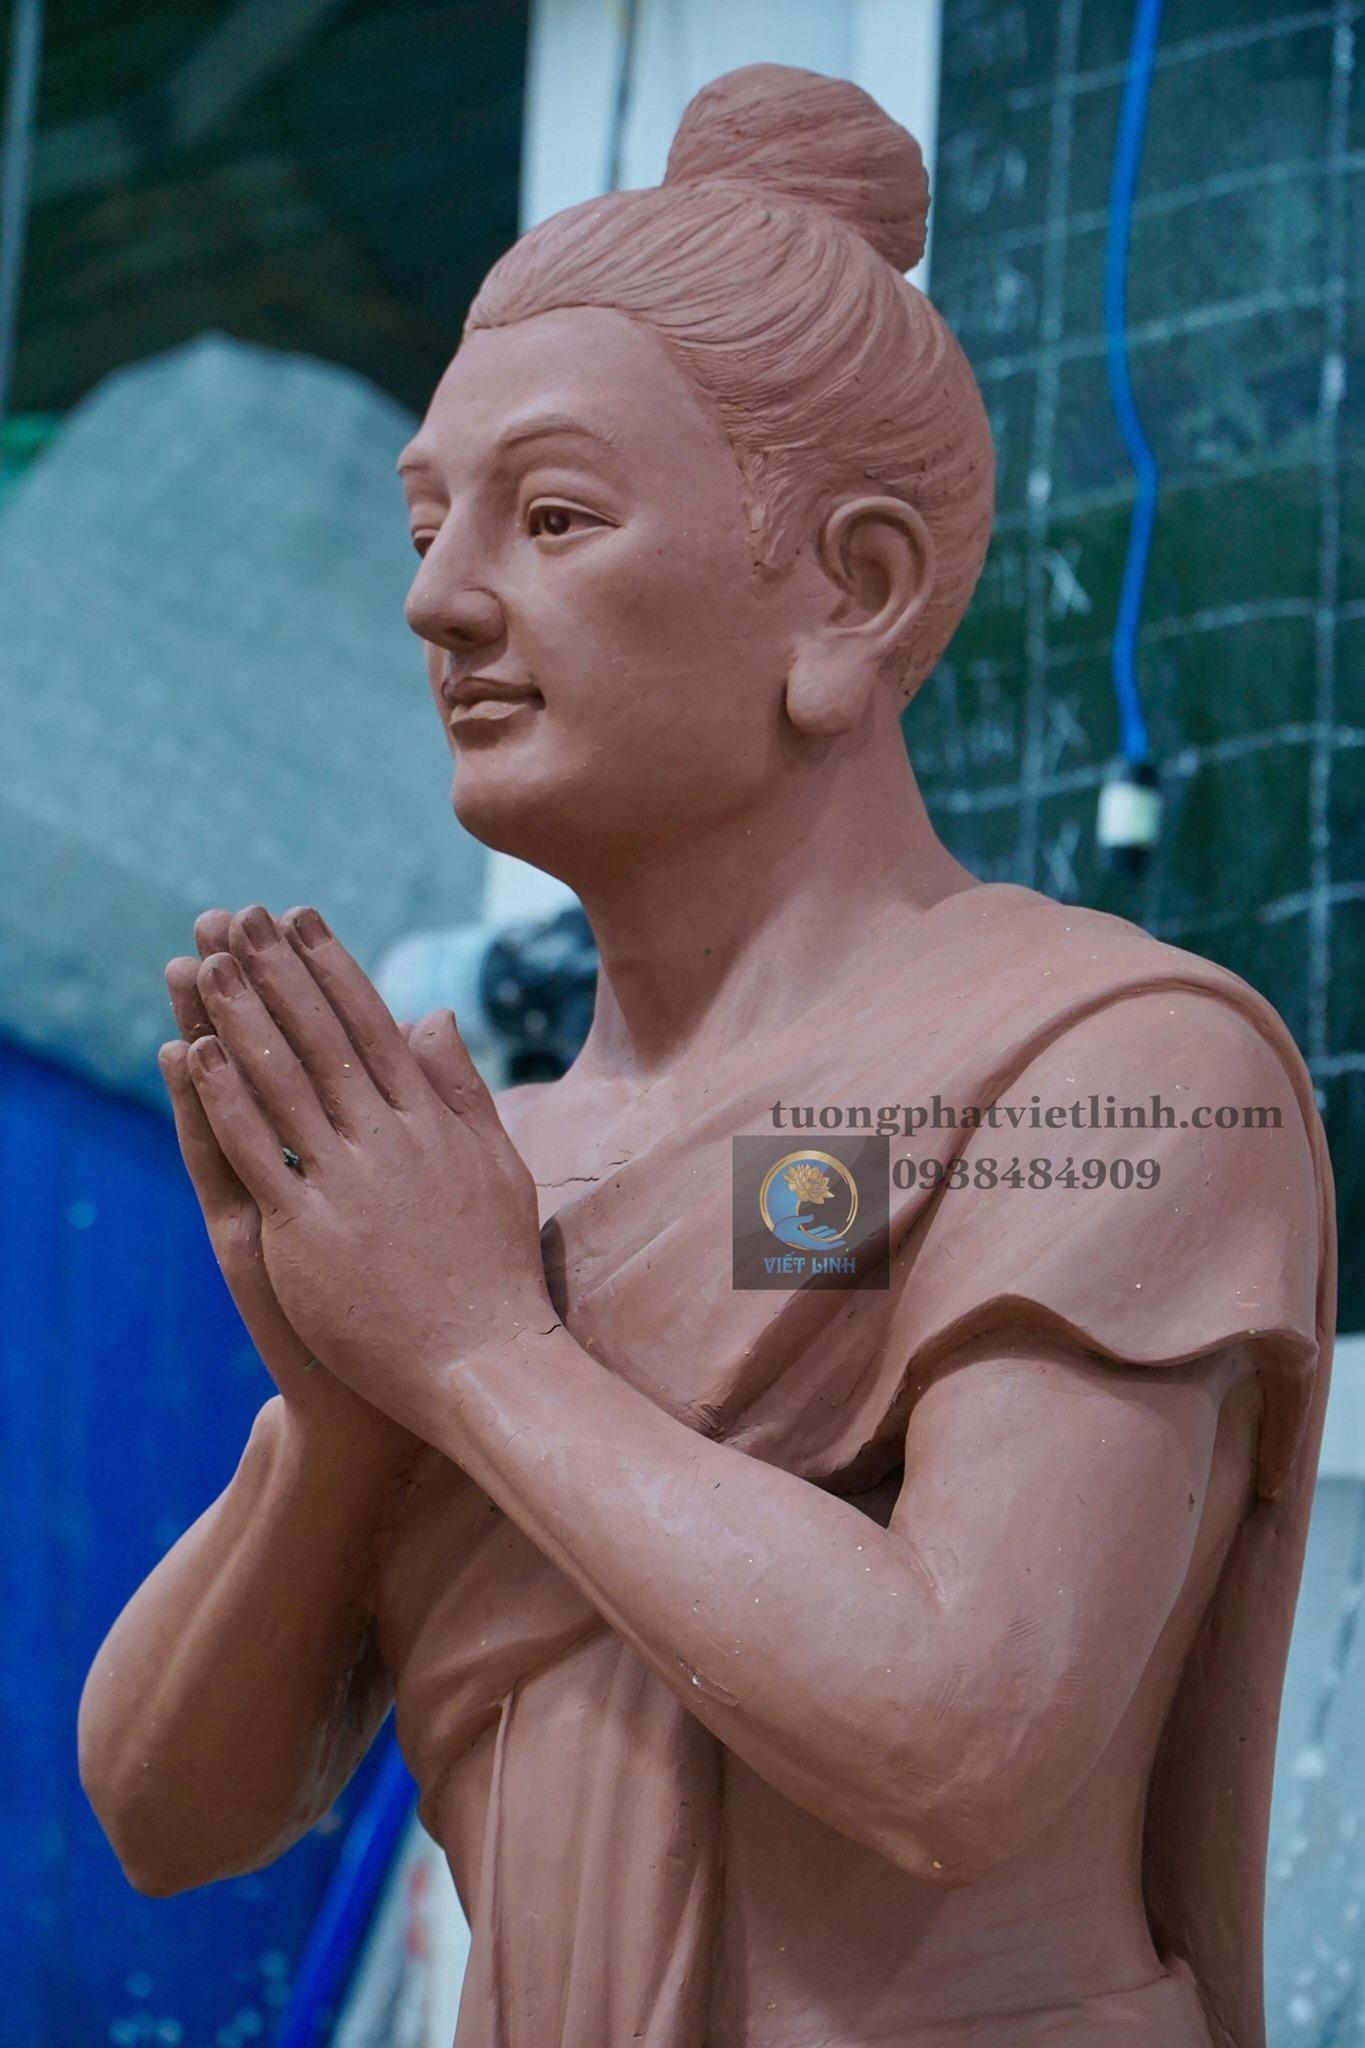 Thi công tượng 5 Anh Em Kiều Trần Như tại Đắk Lắk